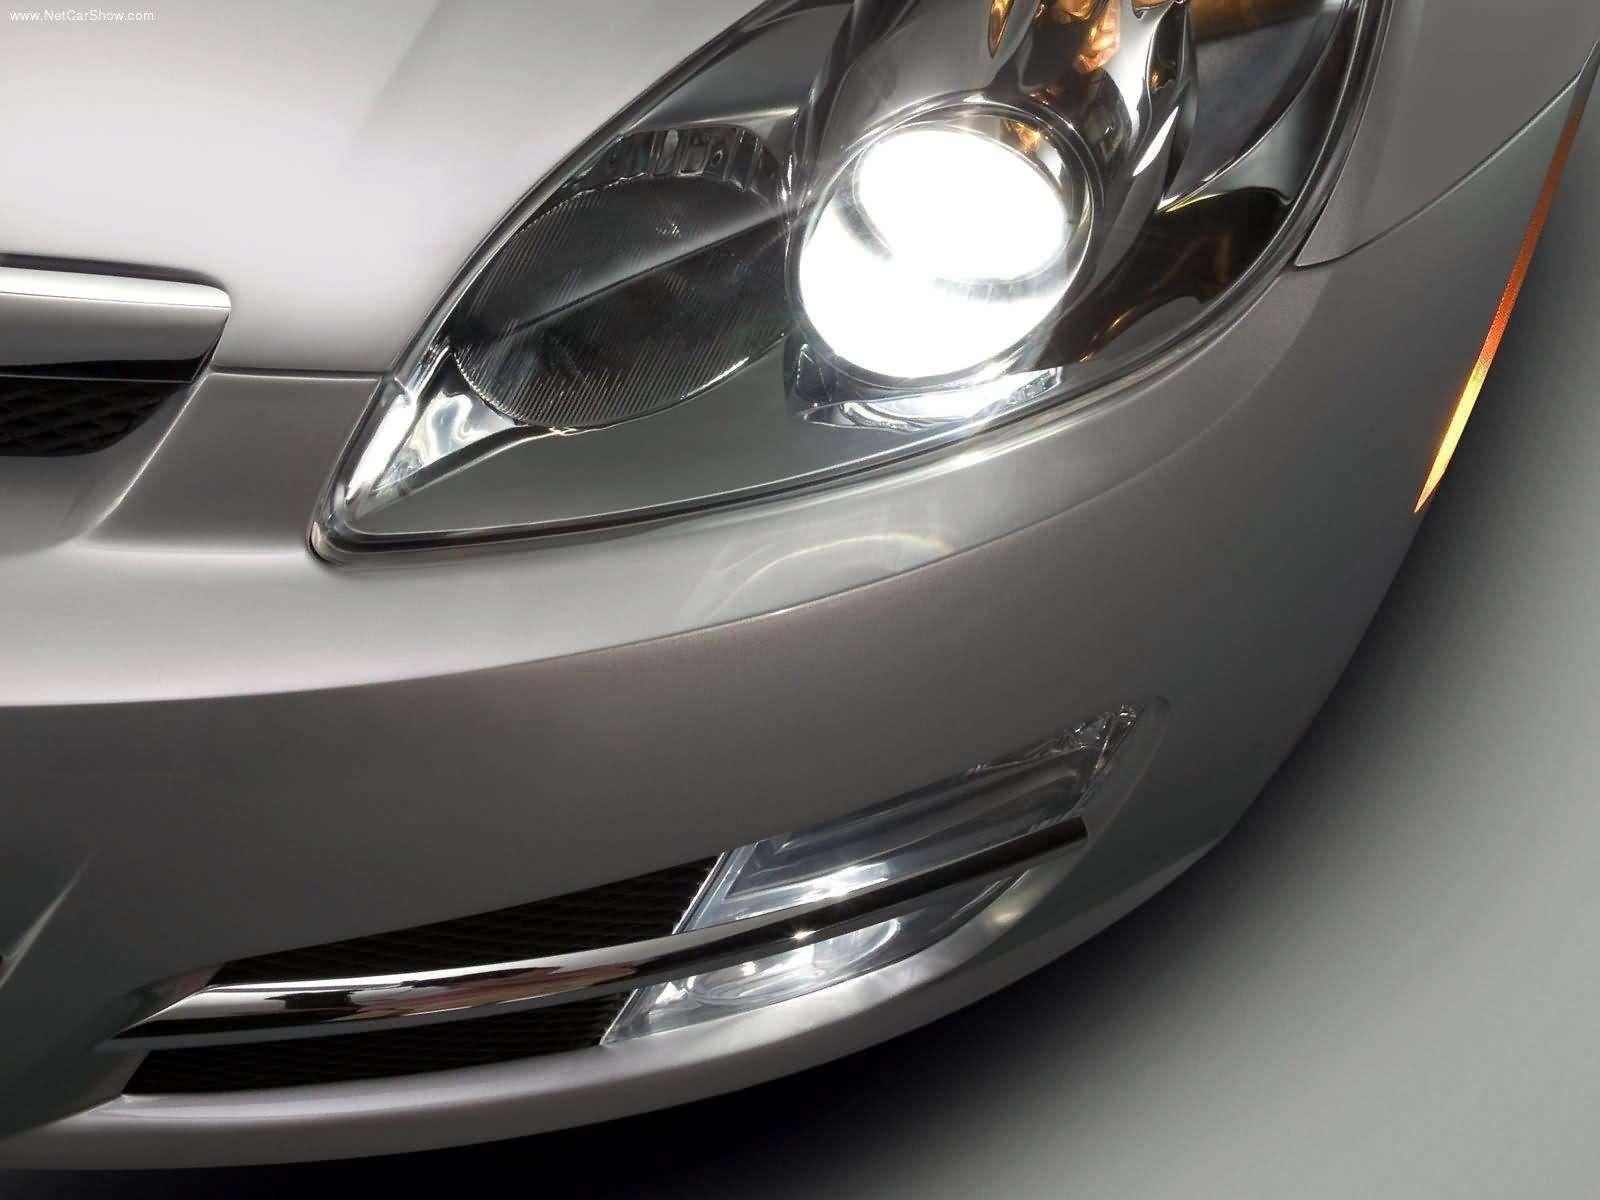 Hình ảnh xe ô tô Saturn Sky 2007 & nội ngoại thất